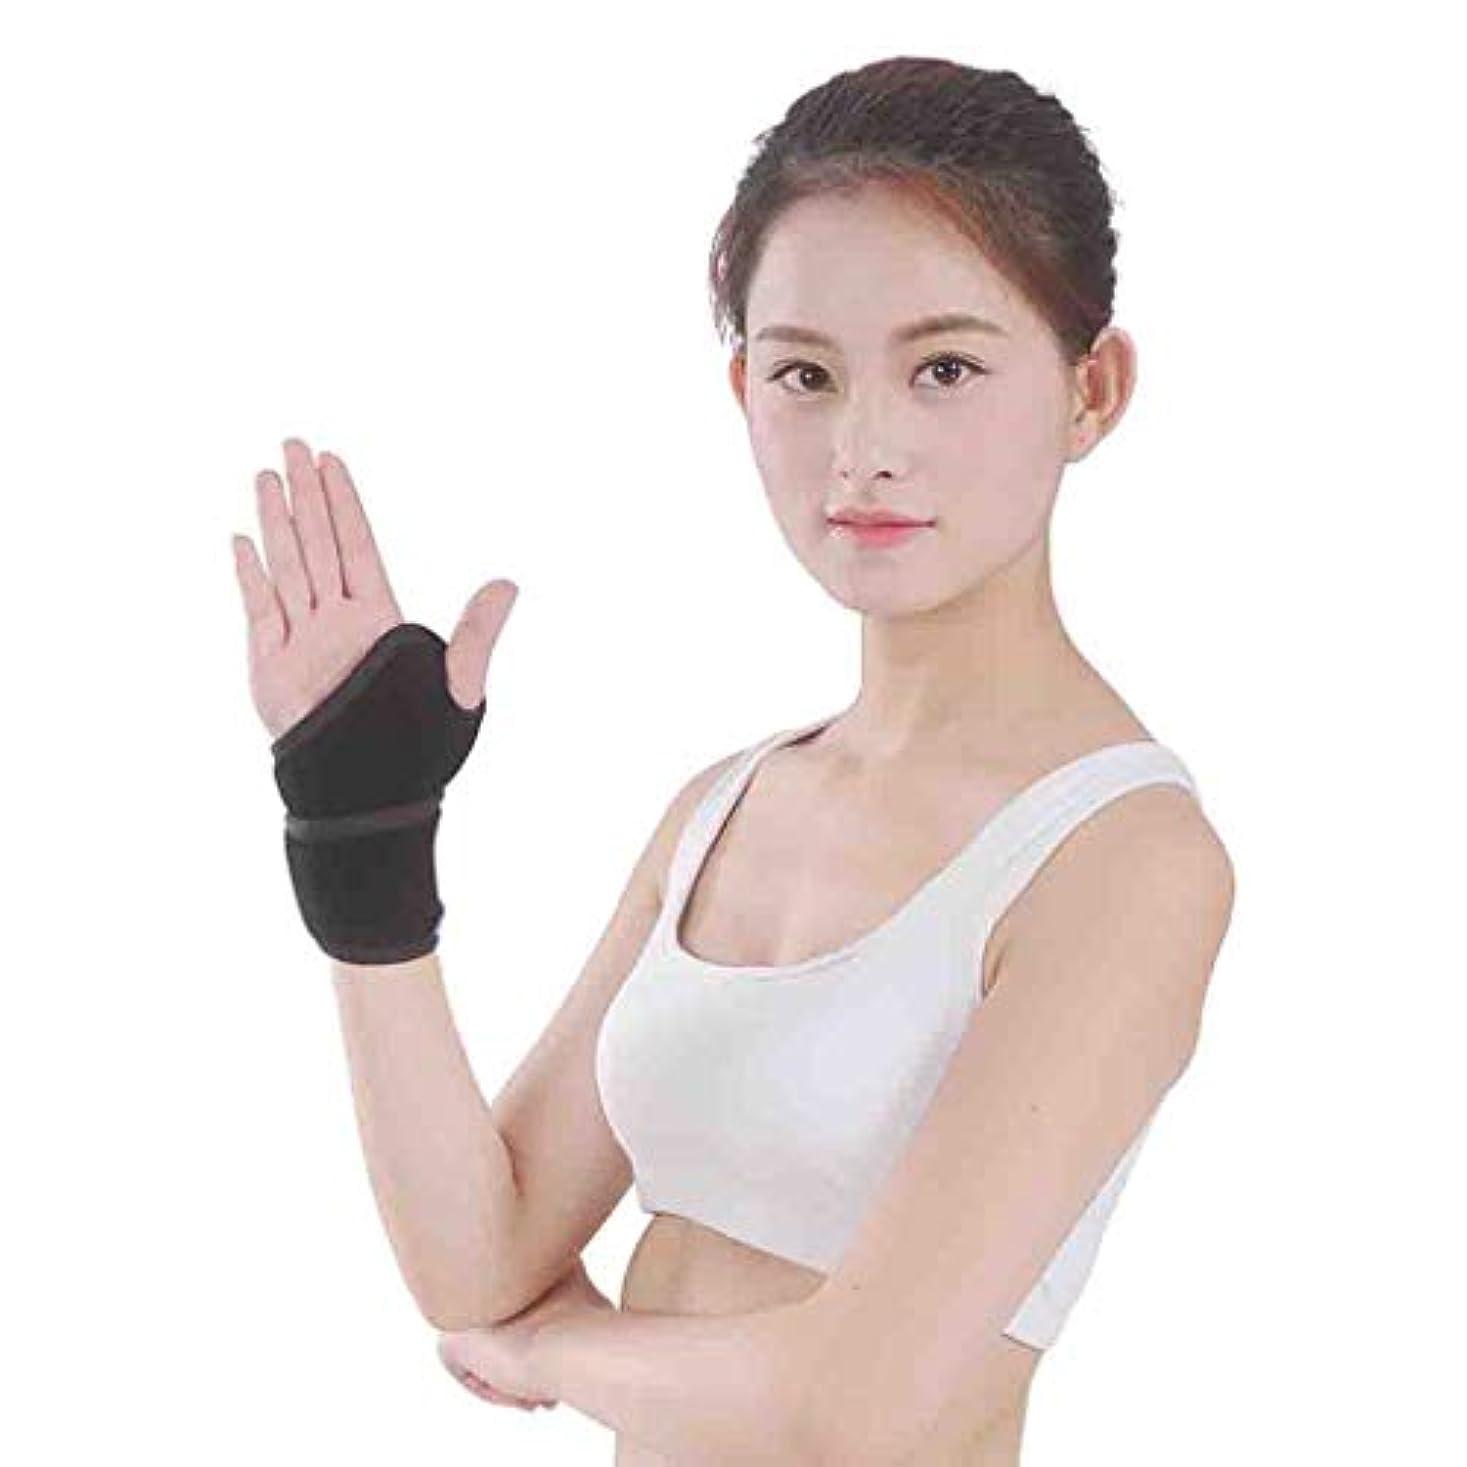 本能バルセロナちょうつがい関節炎のための親指のスプリントベージュの親指のブレース関節炎や軟組織の傷害、軽量と通気性のための腱膜炎のリストバンド Roscloud@